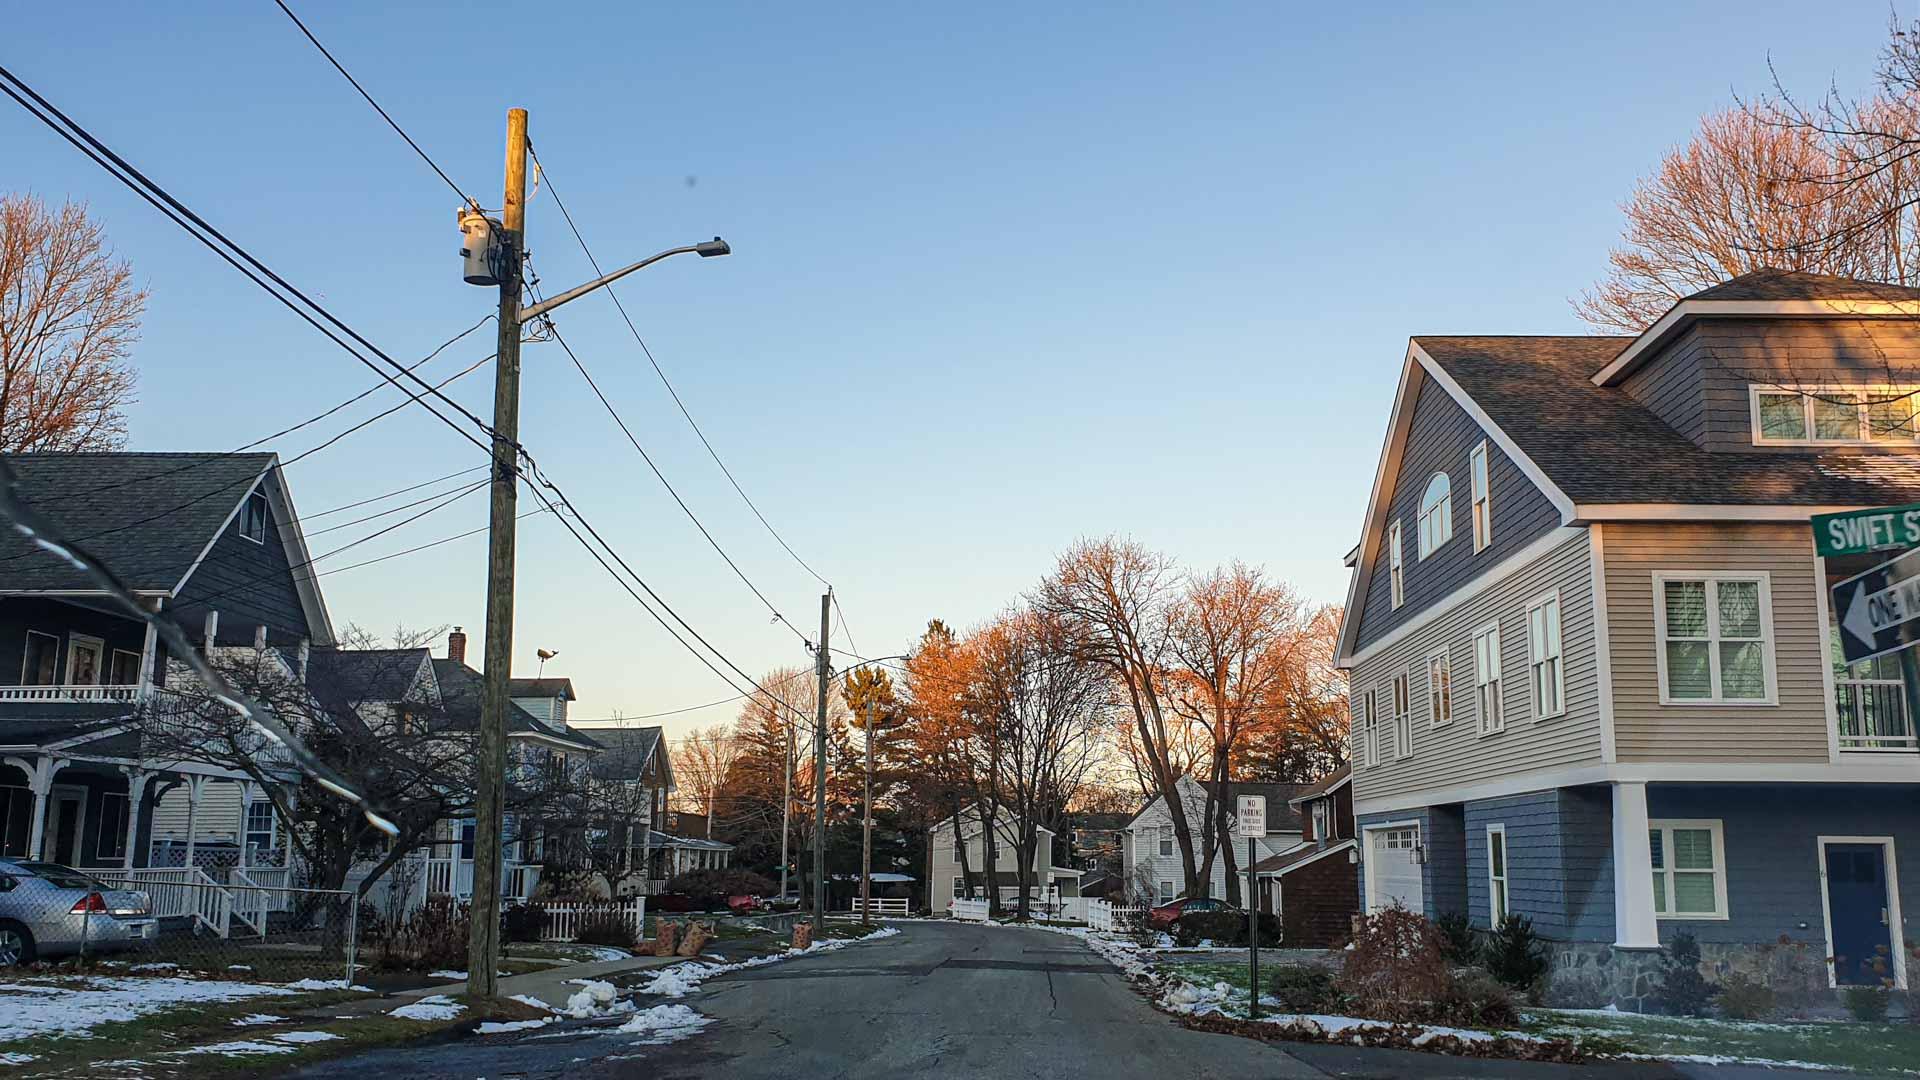 Strada da un quartiere residenziale a Milford, Connecticut